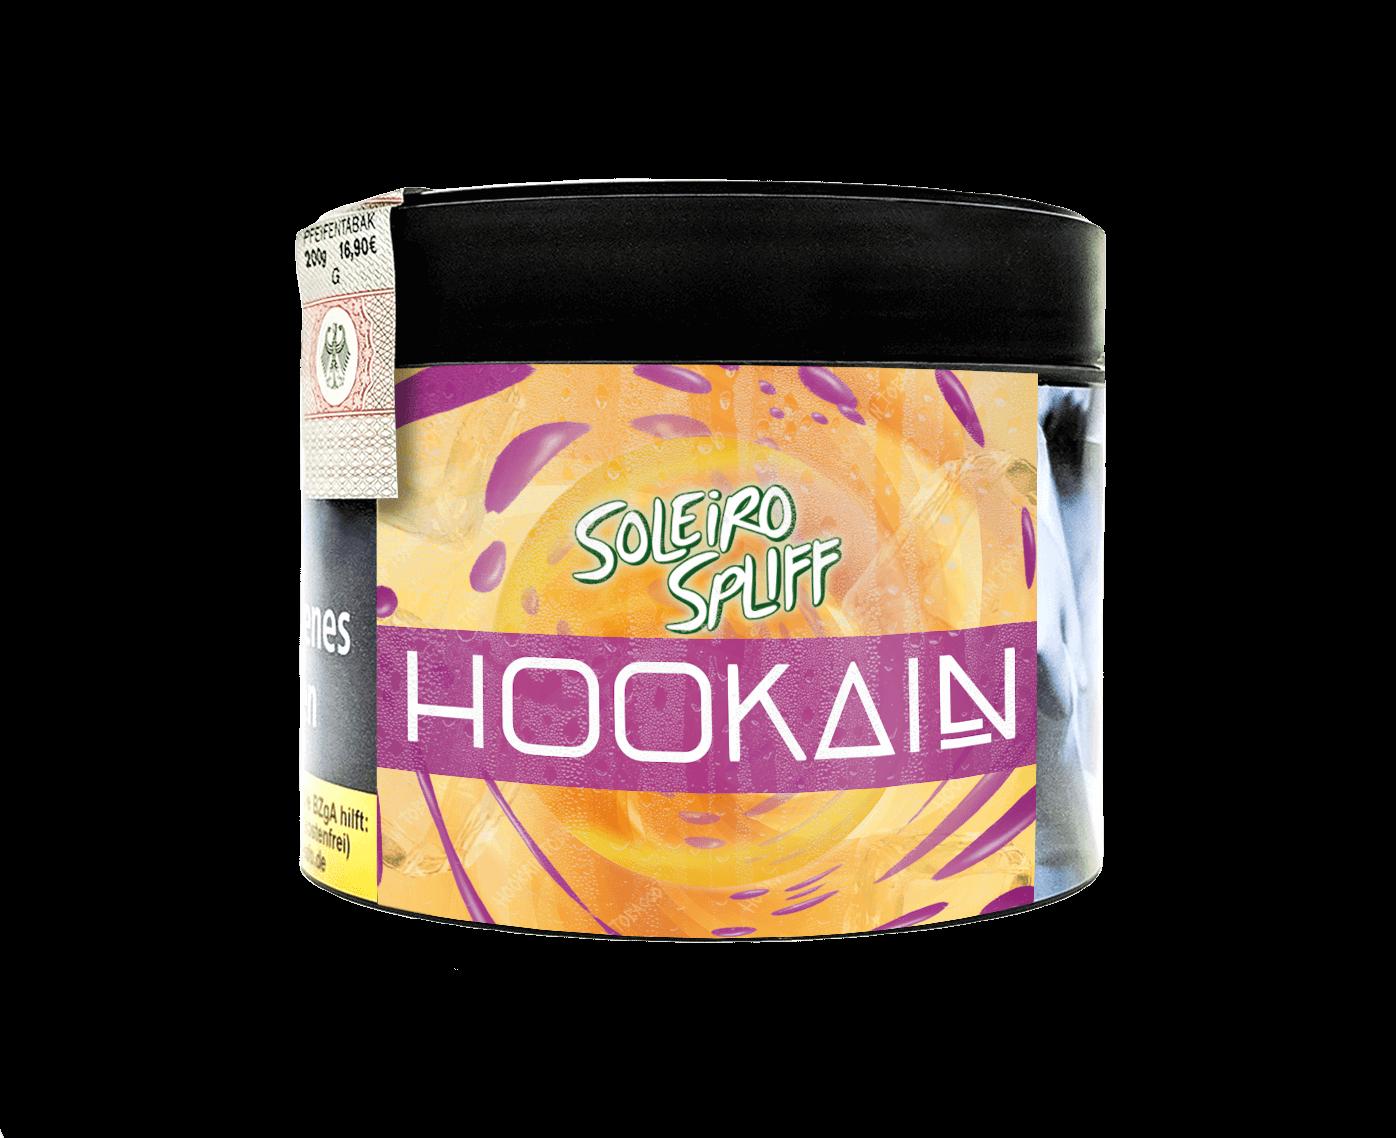 Hookain Soleiro Spliff 200g